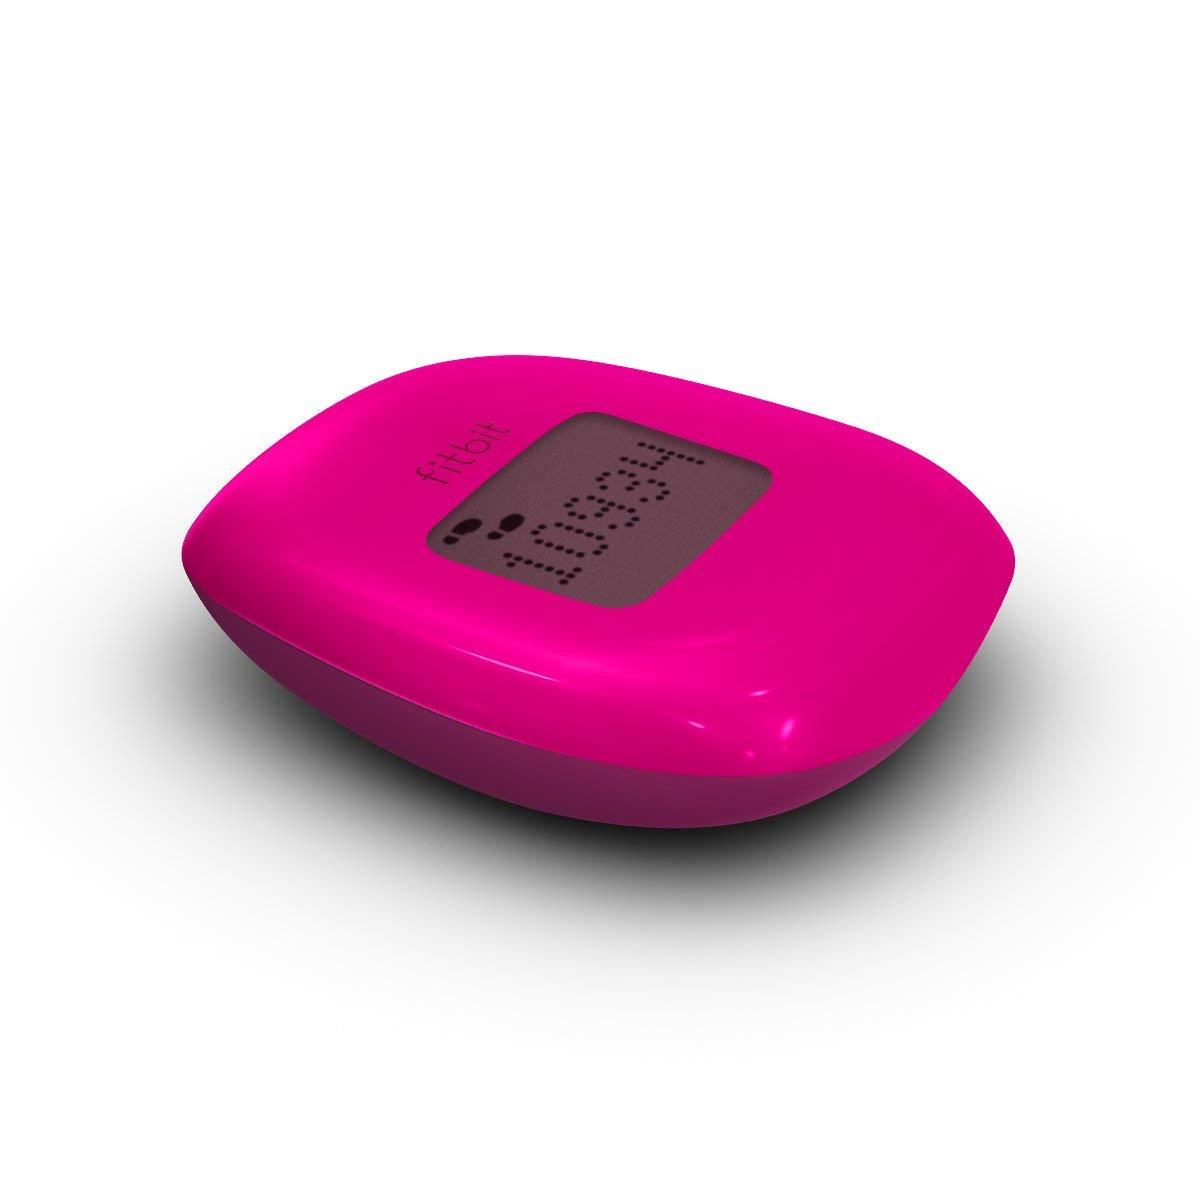 FitBit Zip Wireless Activity Tracker in Magenta (Renewed)